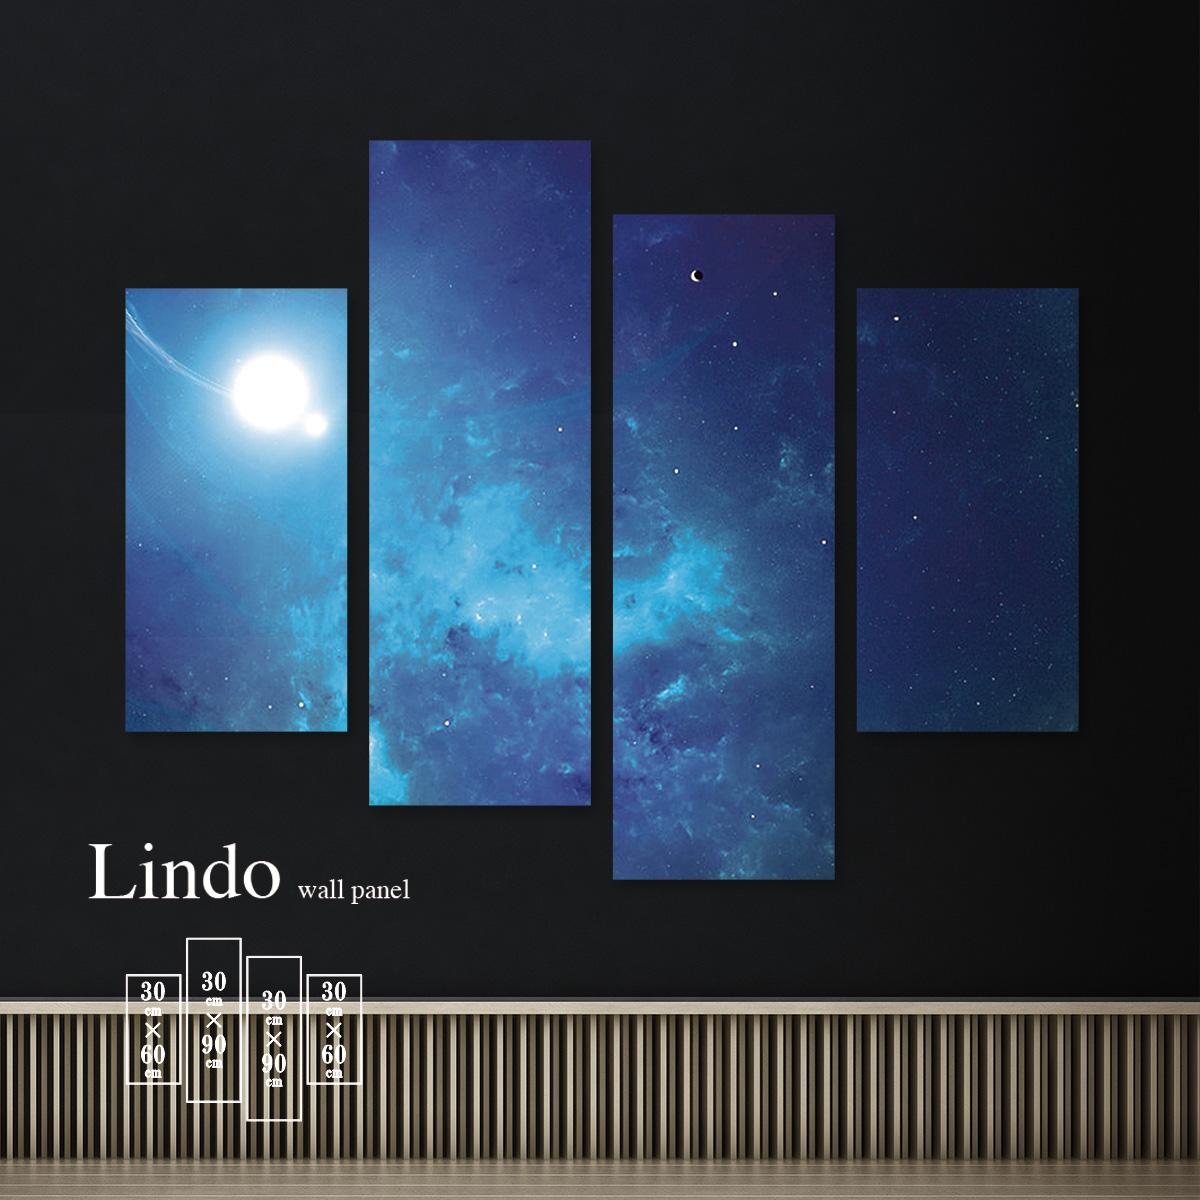 ファブリックパネル 星 銀河 宇宙 夜空 満天 景色 ブルー シンプル 壁掛け 北欧 お洒落 デザイン アート 壁飾り アートボード 4枚パネル